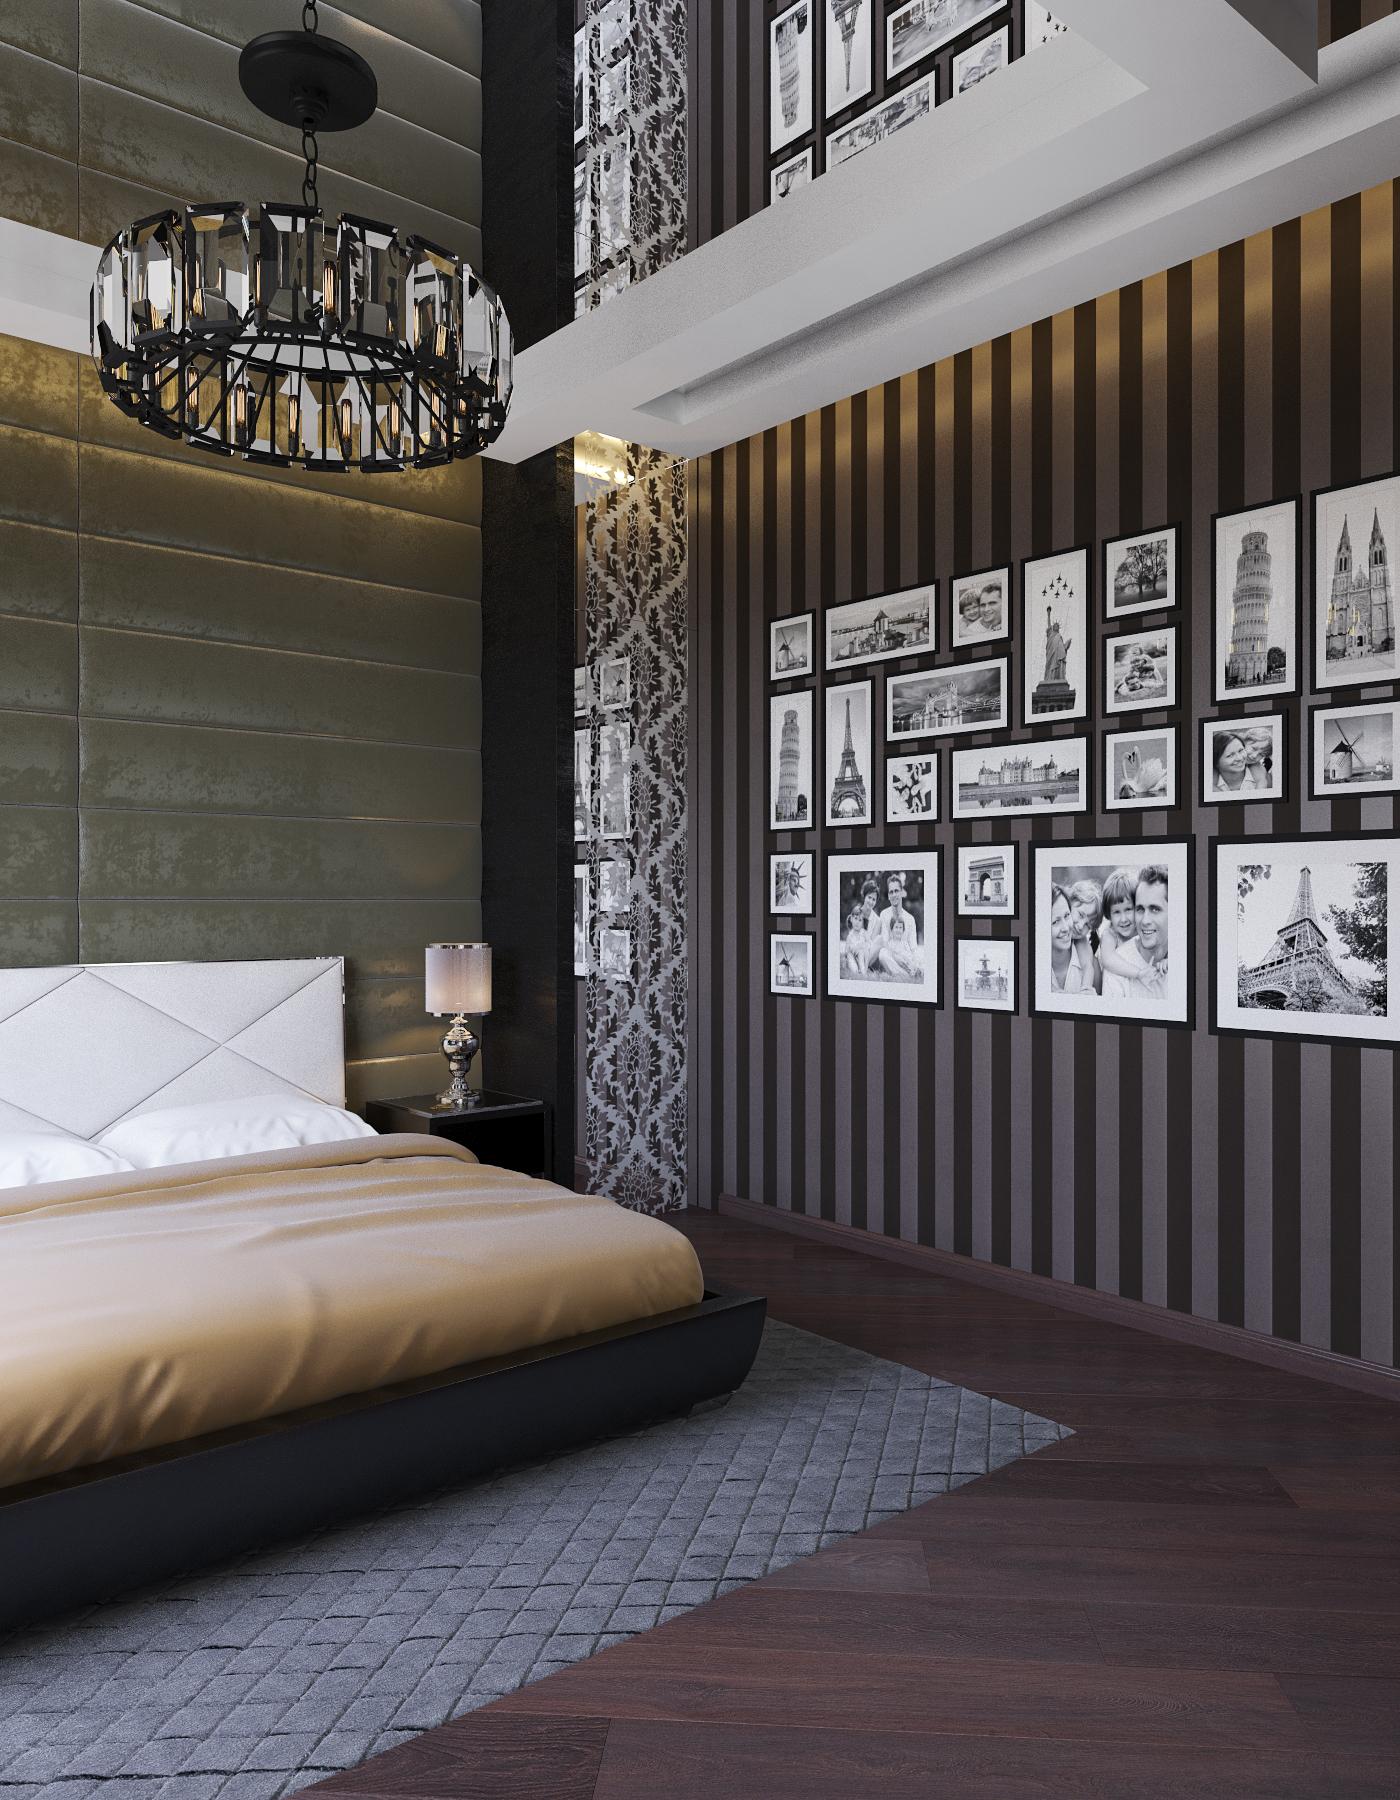 дизайн интерьера спальни (2)